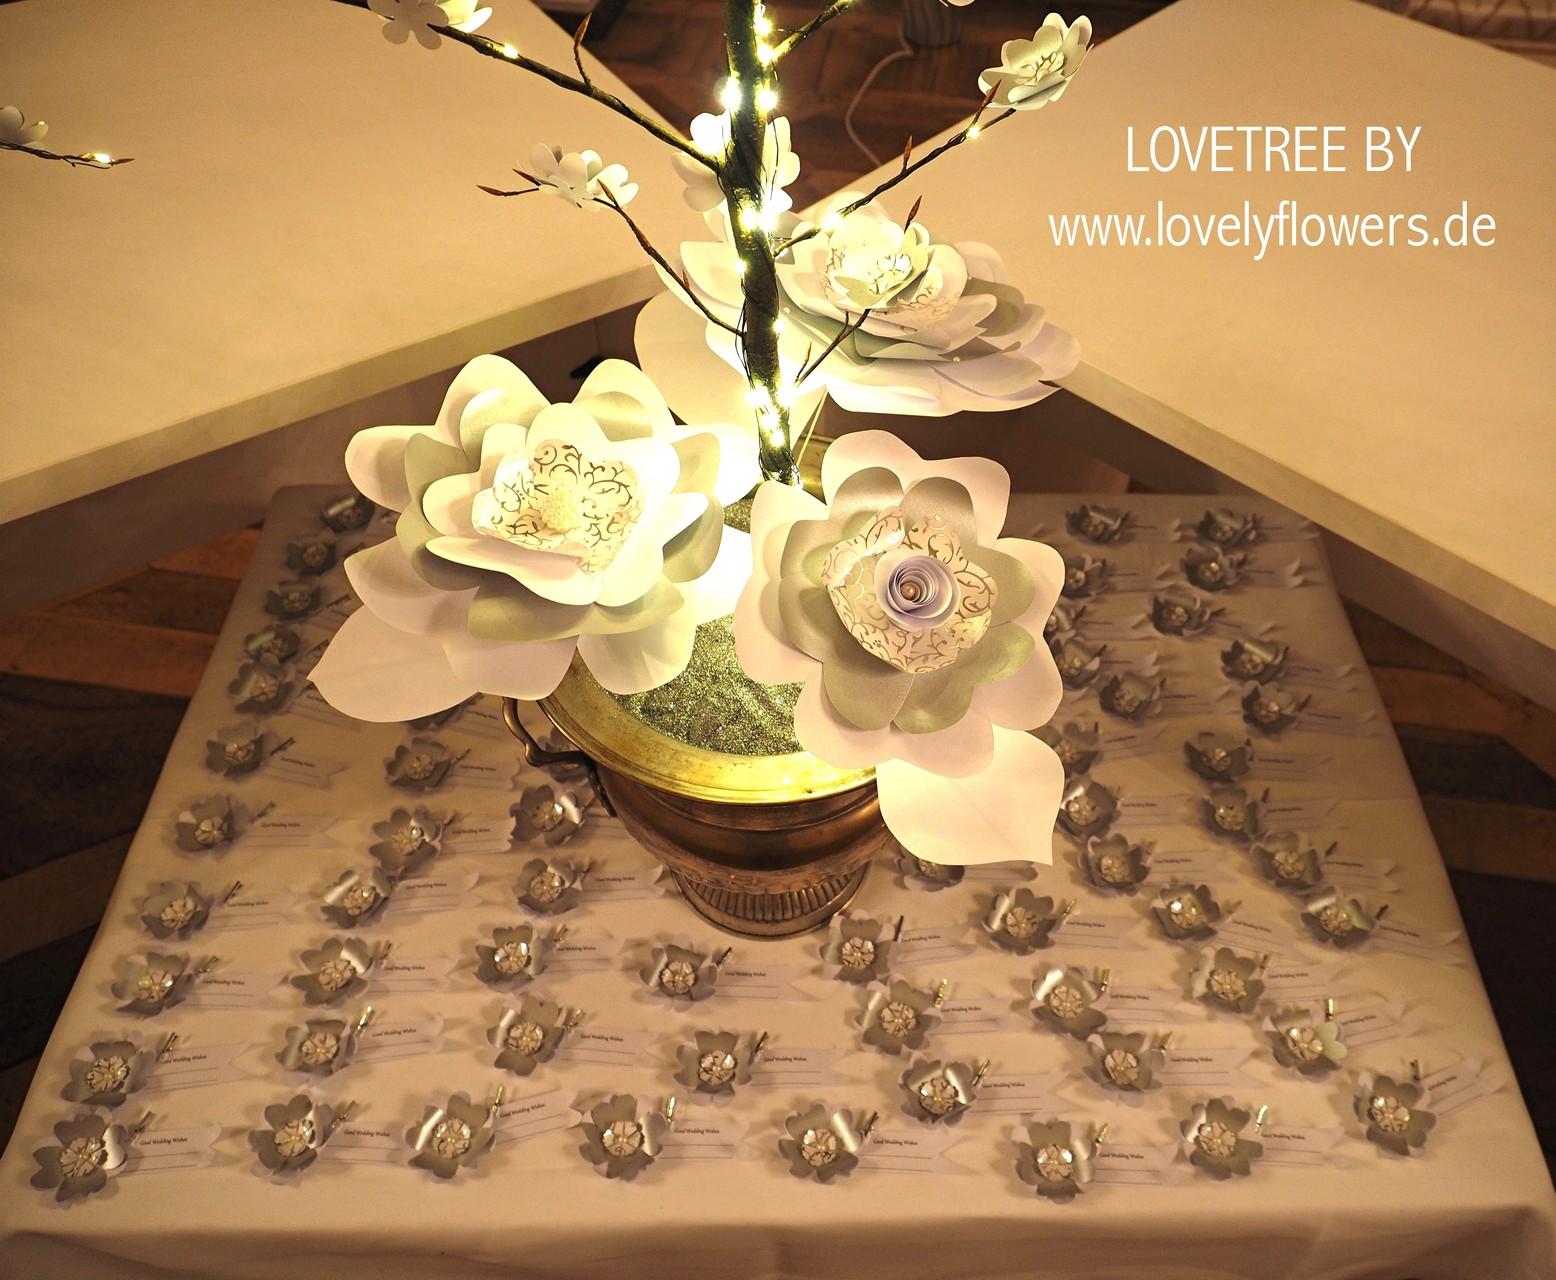 Paper-Art Hochzeitswunschbaumdeko im unteren Teil inkl. passende Blütenfähnchen für gute Hochzeitswünsche von www.lovelyflowers.de